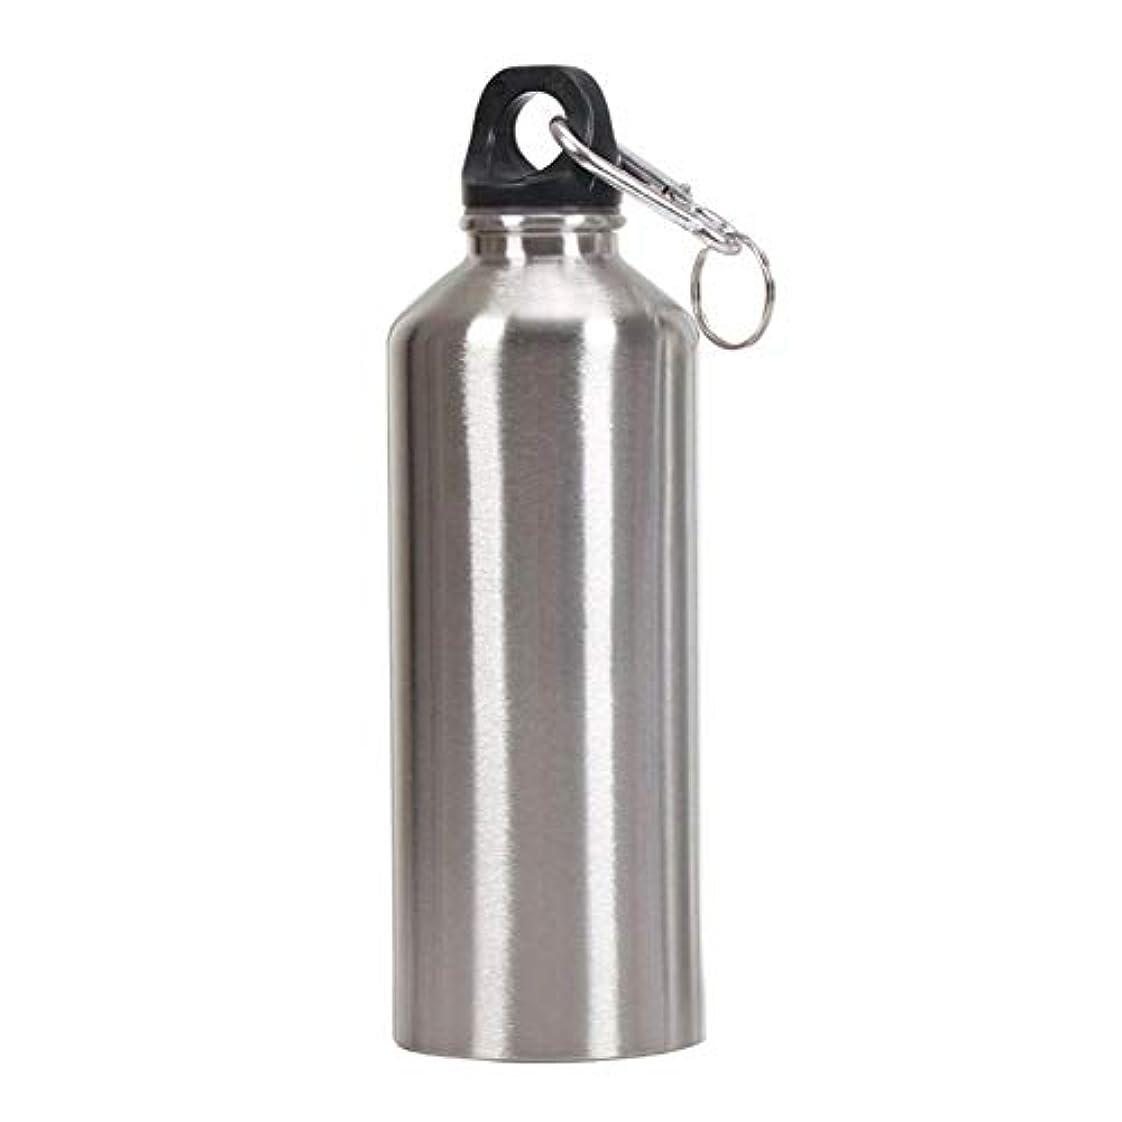 疼痛家具ストレススポーツボトル 水ボトル キャンプサイクリング アウトドア スポーツ ステンレススチール製 飲料水ボトル 直飲み Hillrong